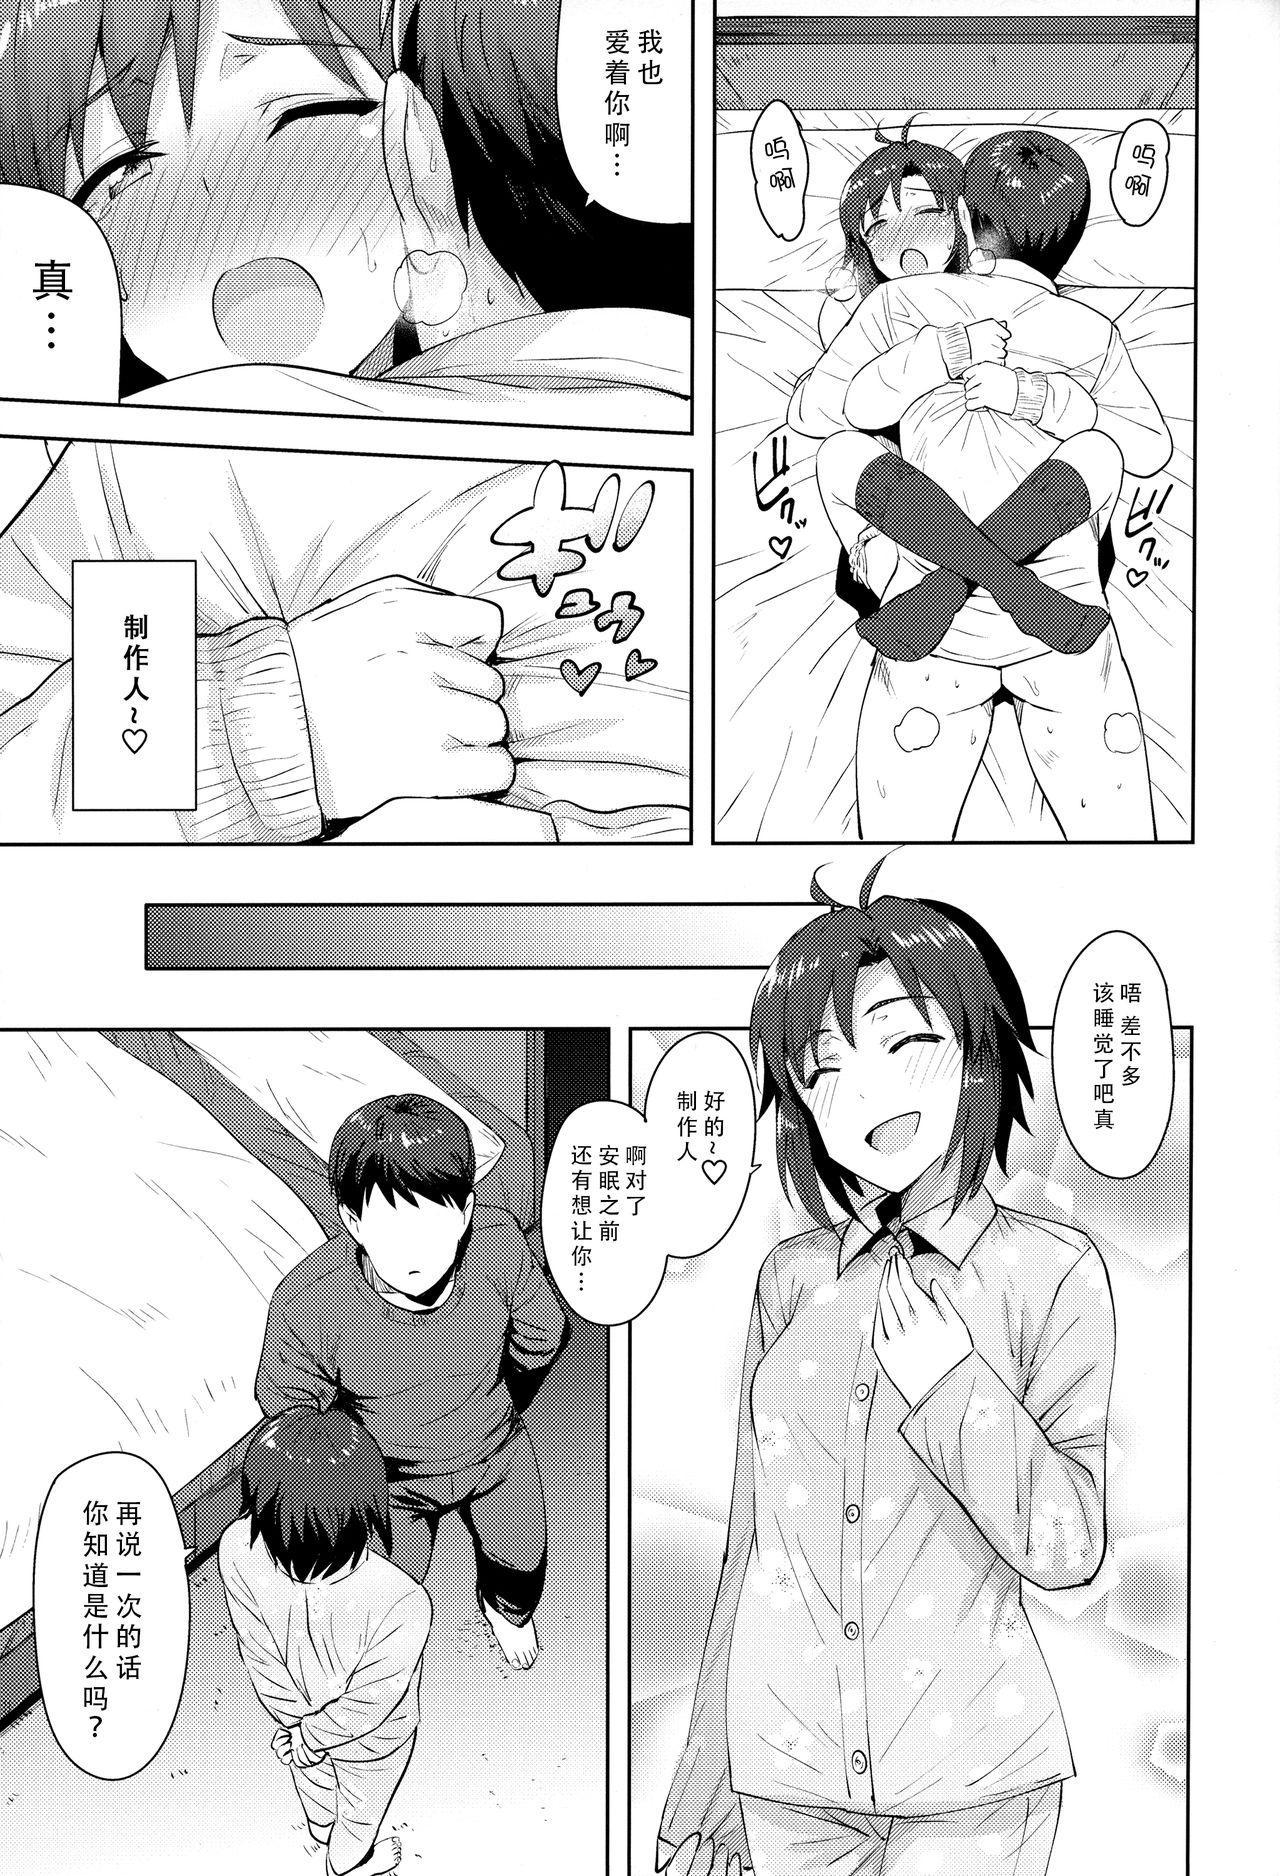 Makoto to Seifuku 32